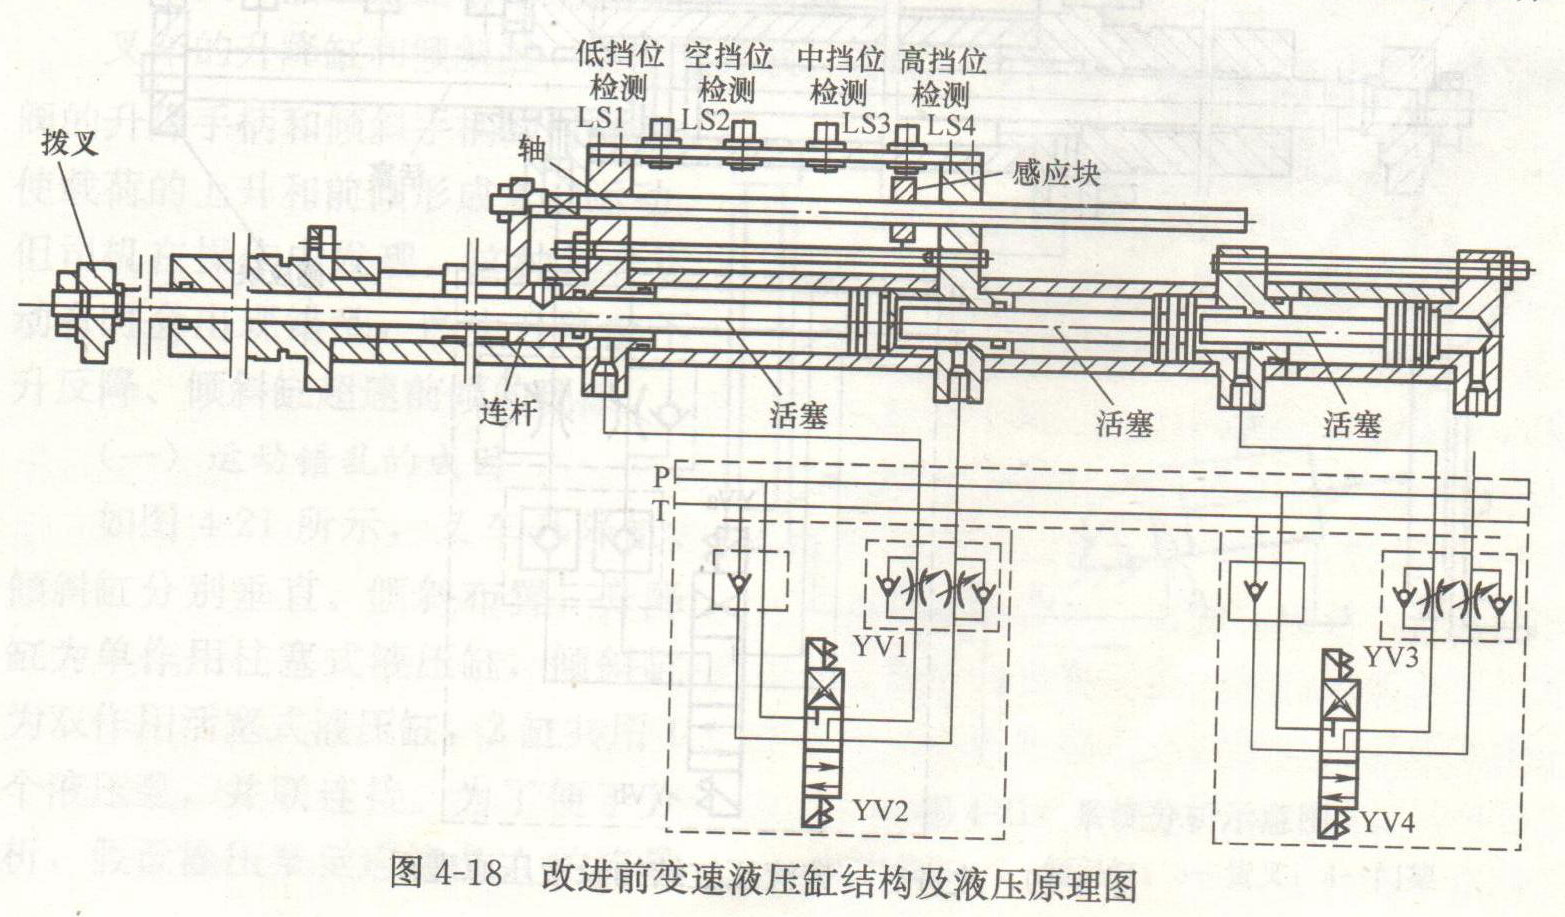 原变速液压缸结构及液压原理如图4-18所示